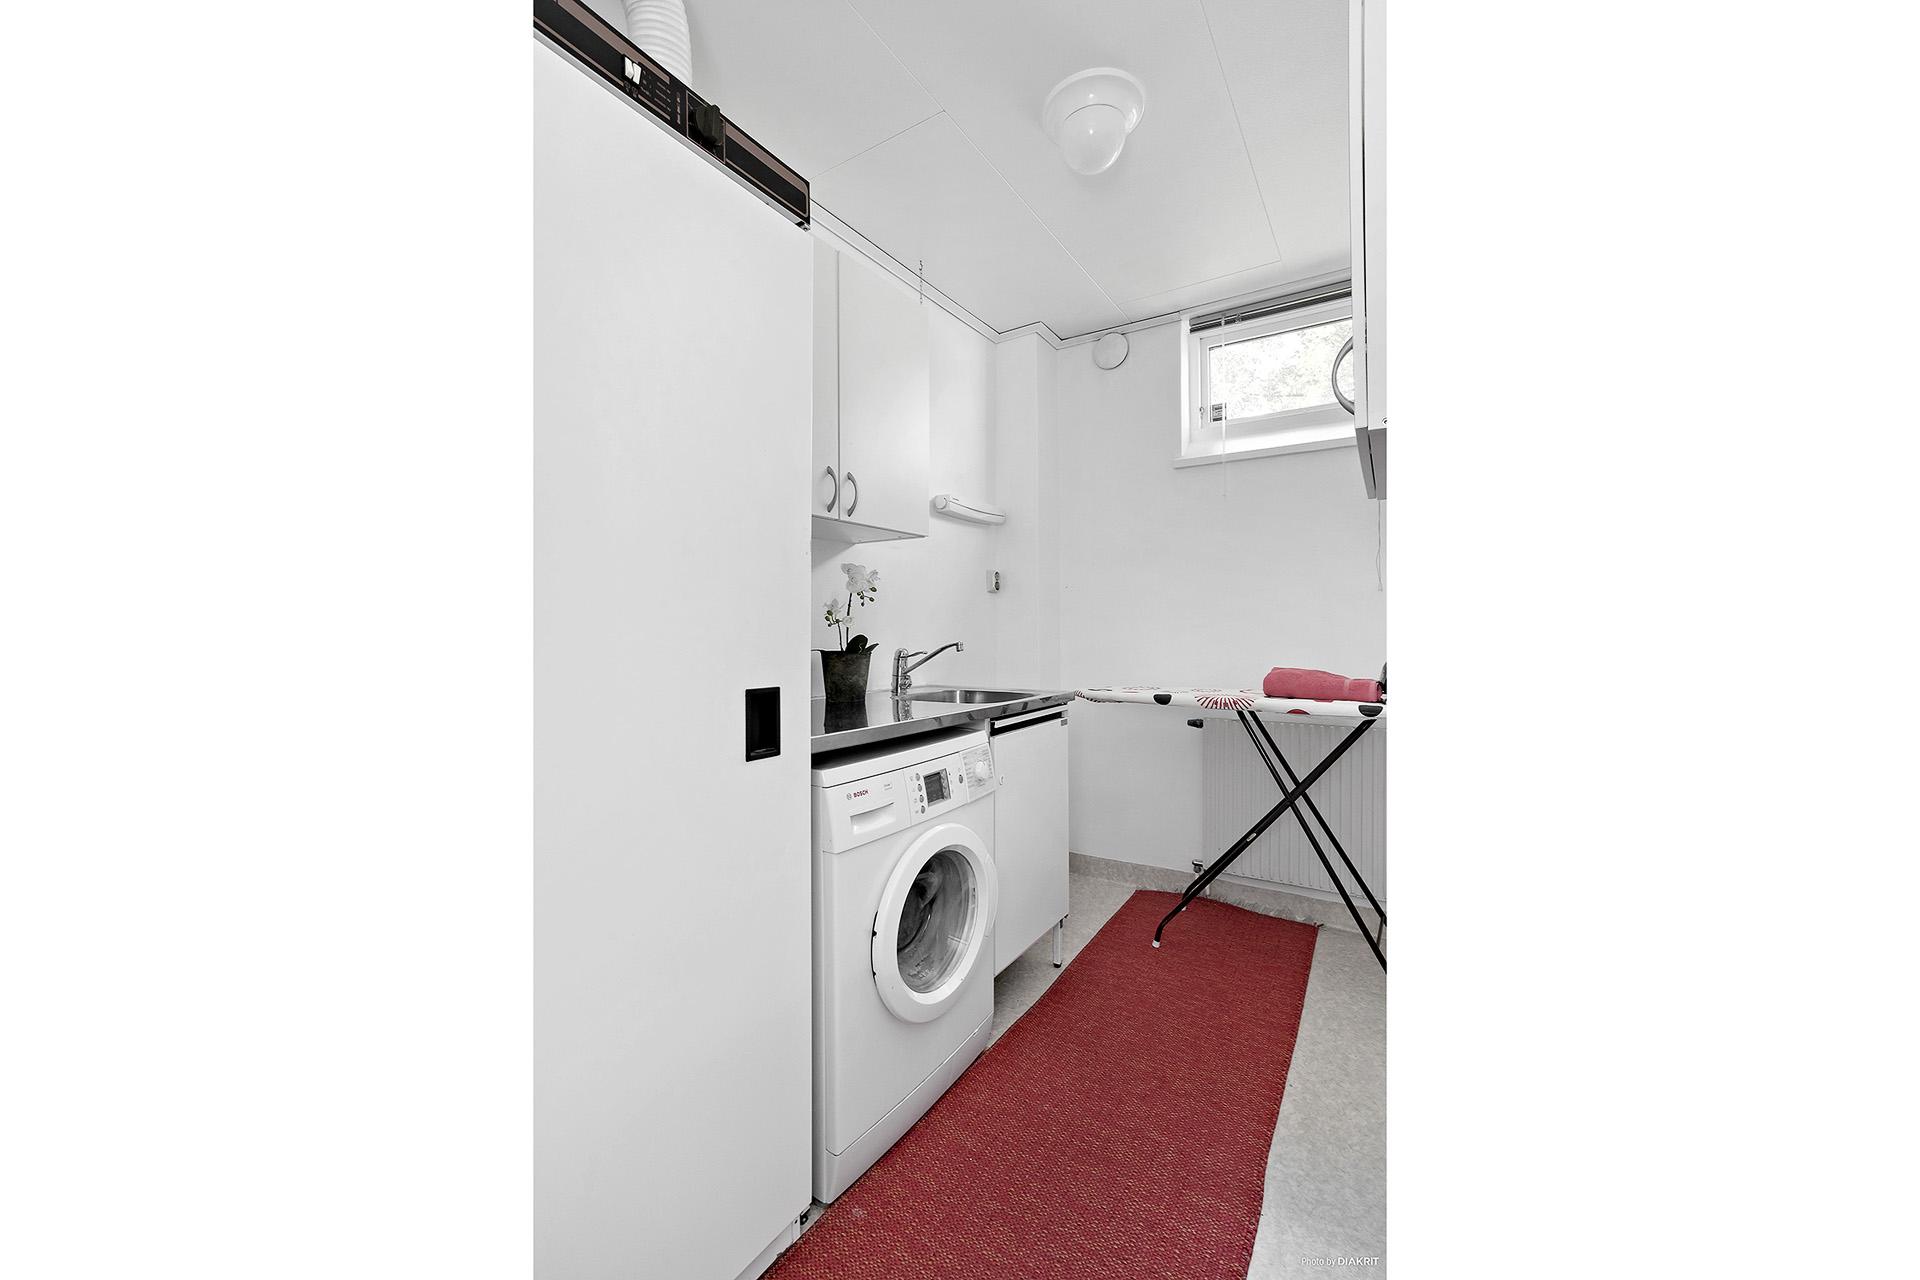 Rymligt tvättstuga med tvättmaskin, torkskåp, allbänk samt väggskåp.